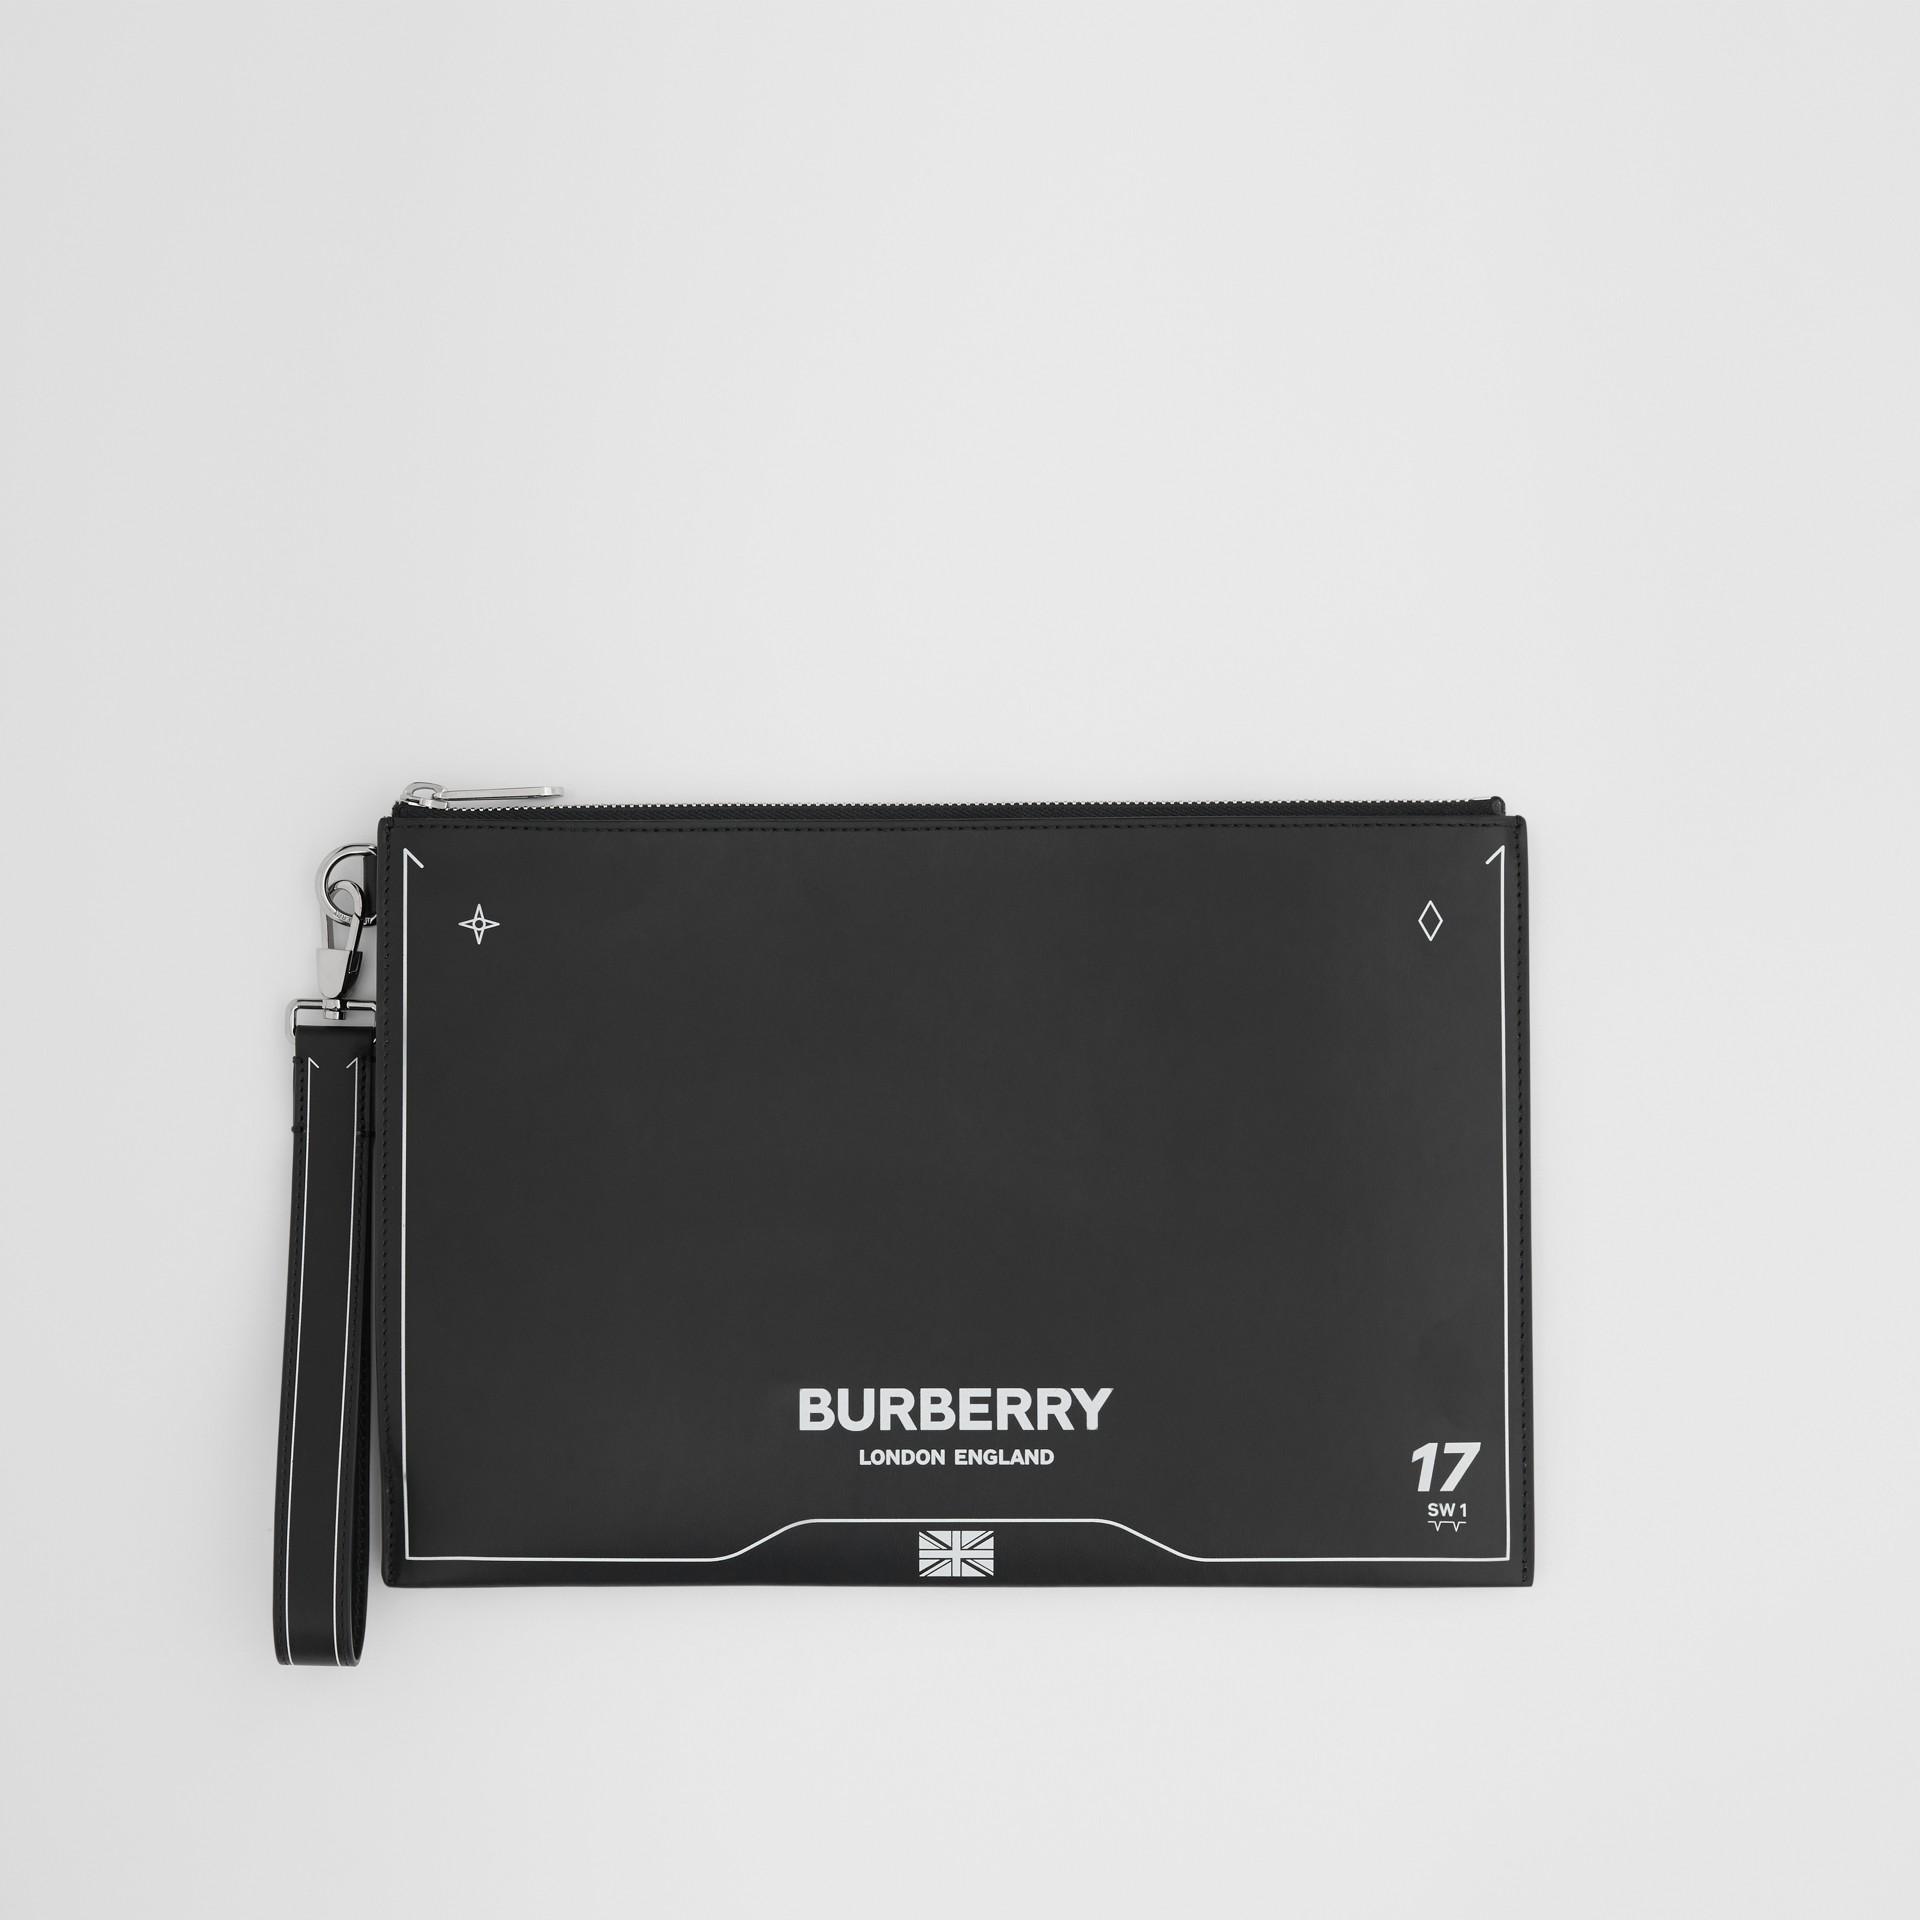 シンボルプリント レザー ジップポーチ (ブラック) | バーバリー - ギャラリーイメージ 0